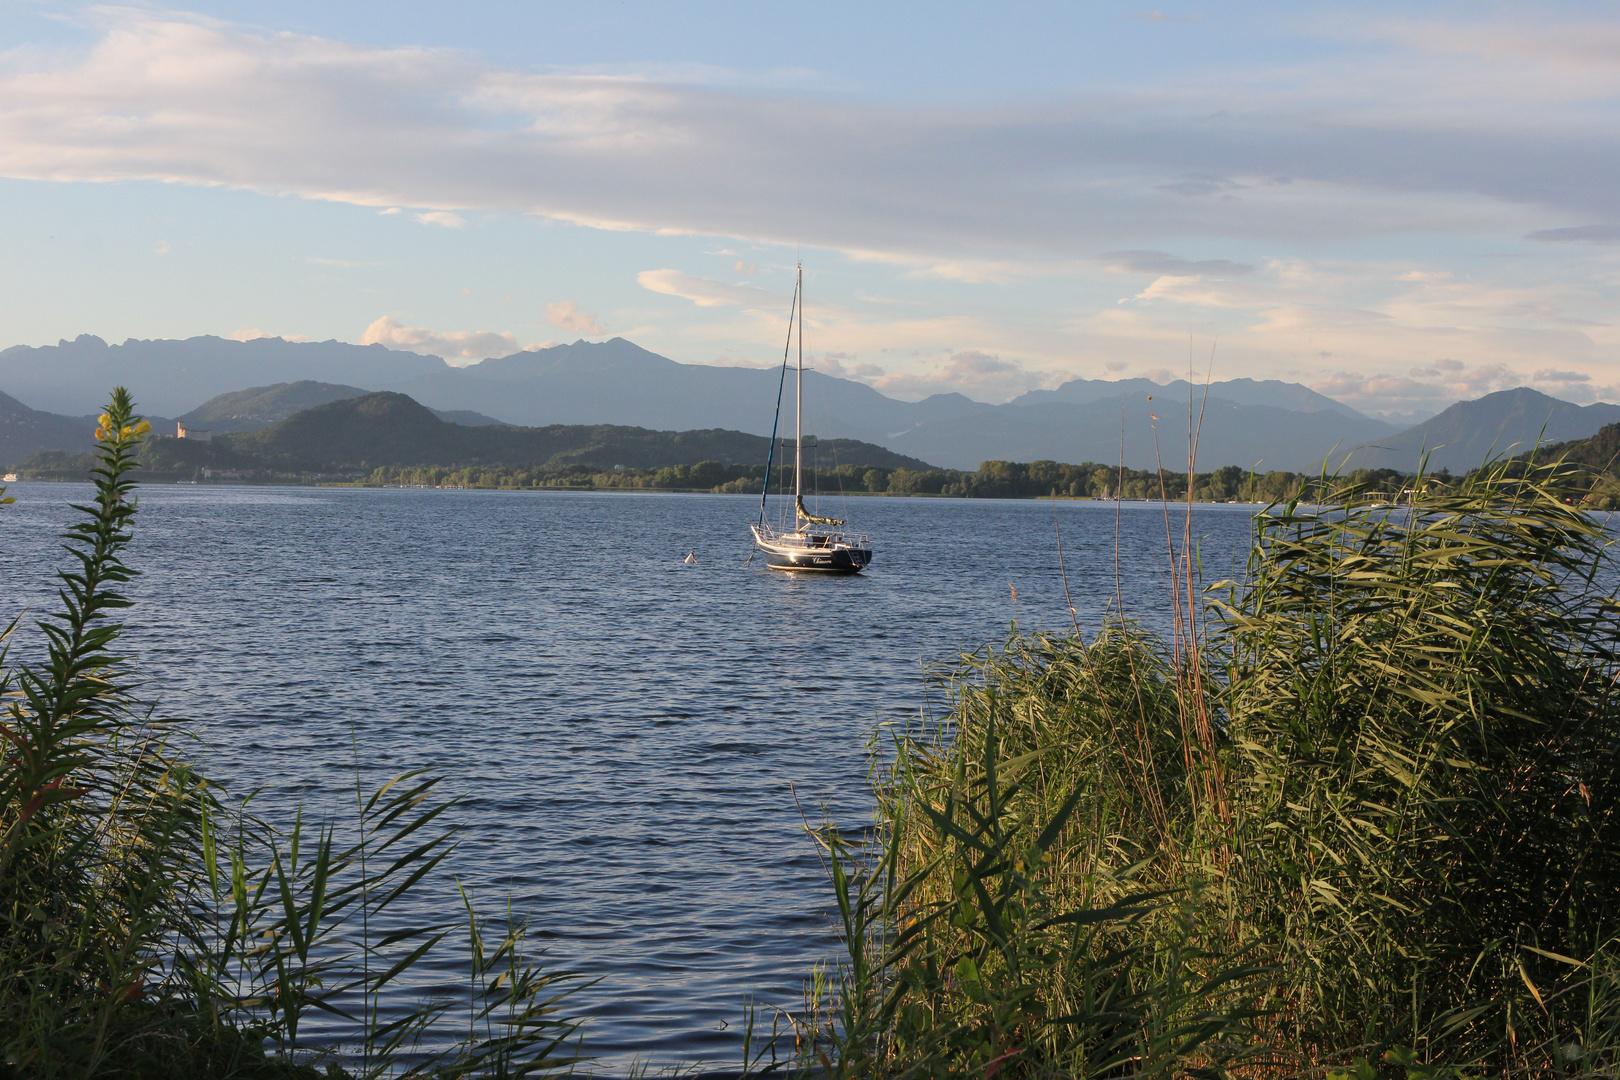 Abenddämmerung am Lago Maggiore August 2013